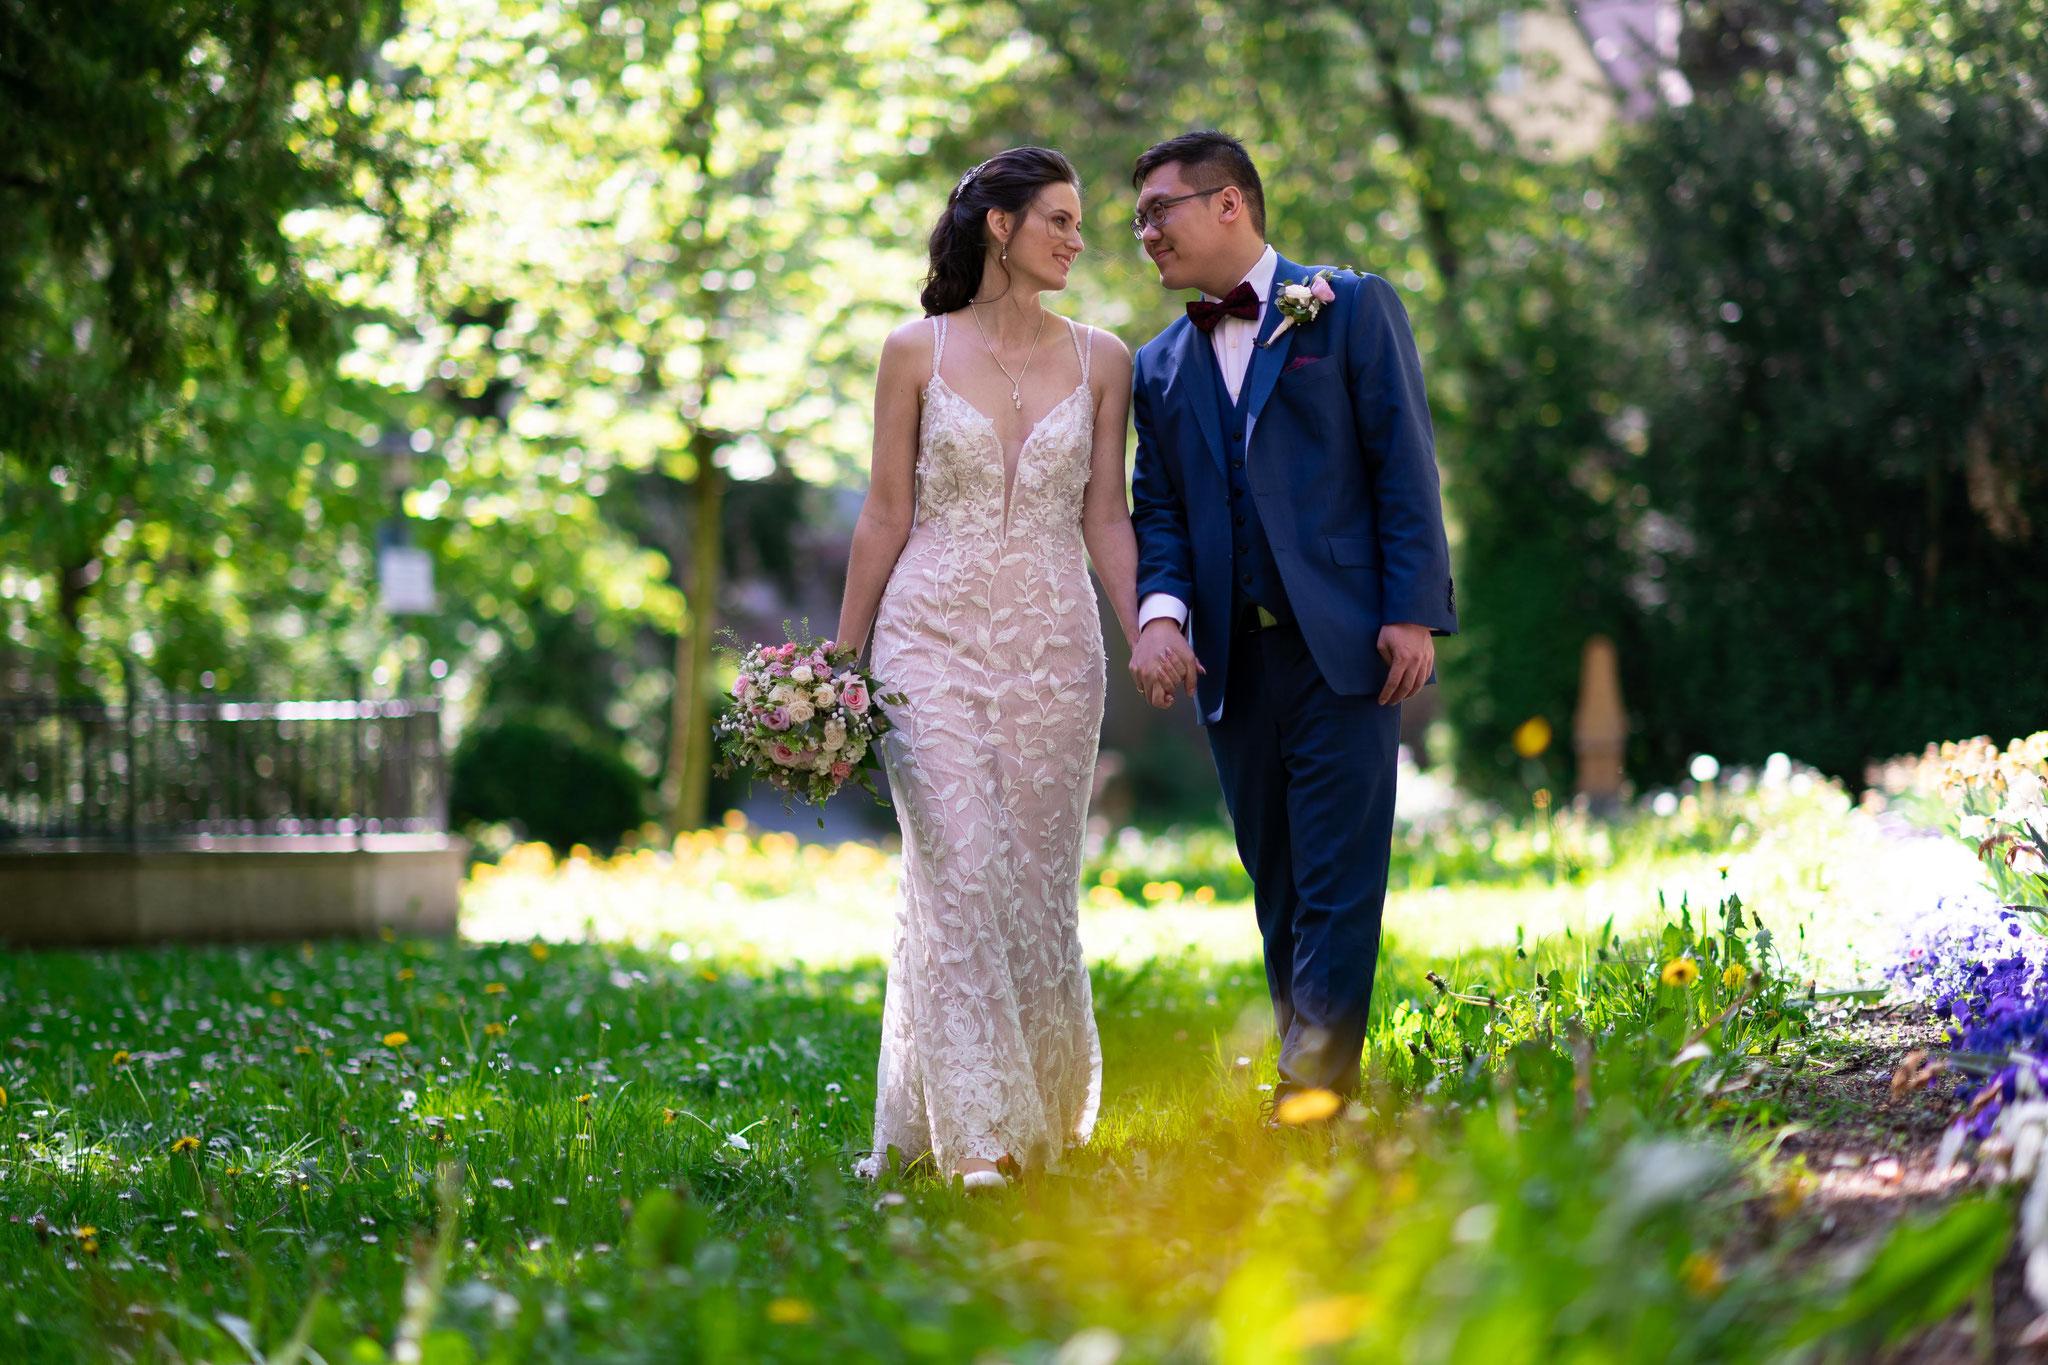 Hochzeitsfotograf für Deutsch-Russisch-Chinesische Hochzeit Deutschlandweit und Europaweit